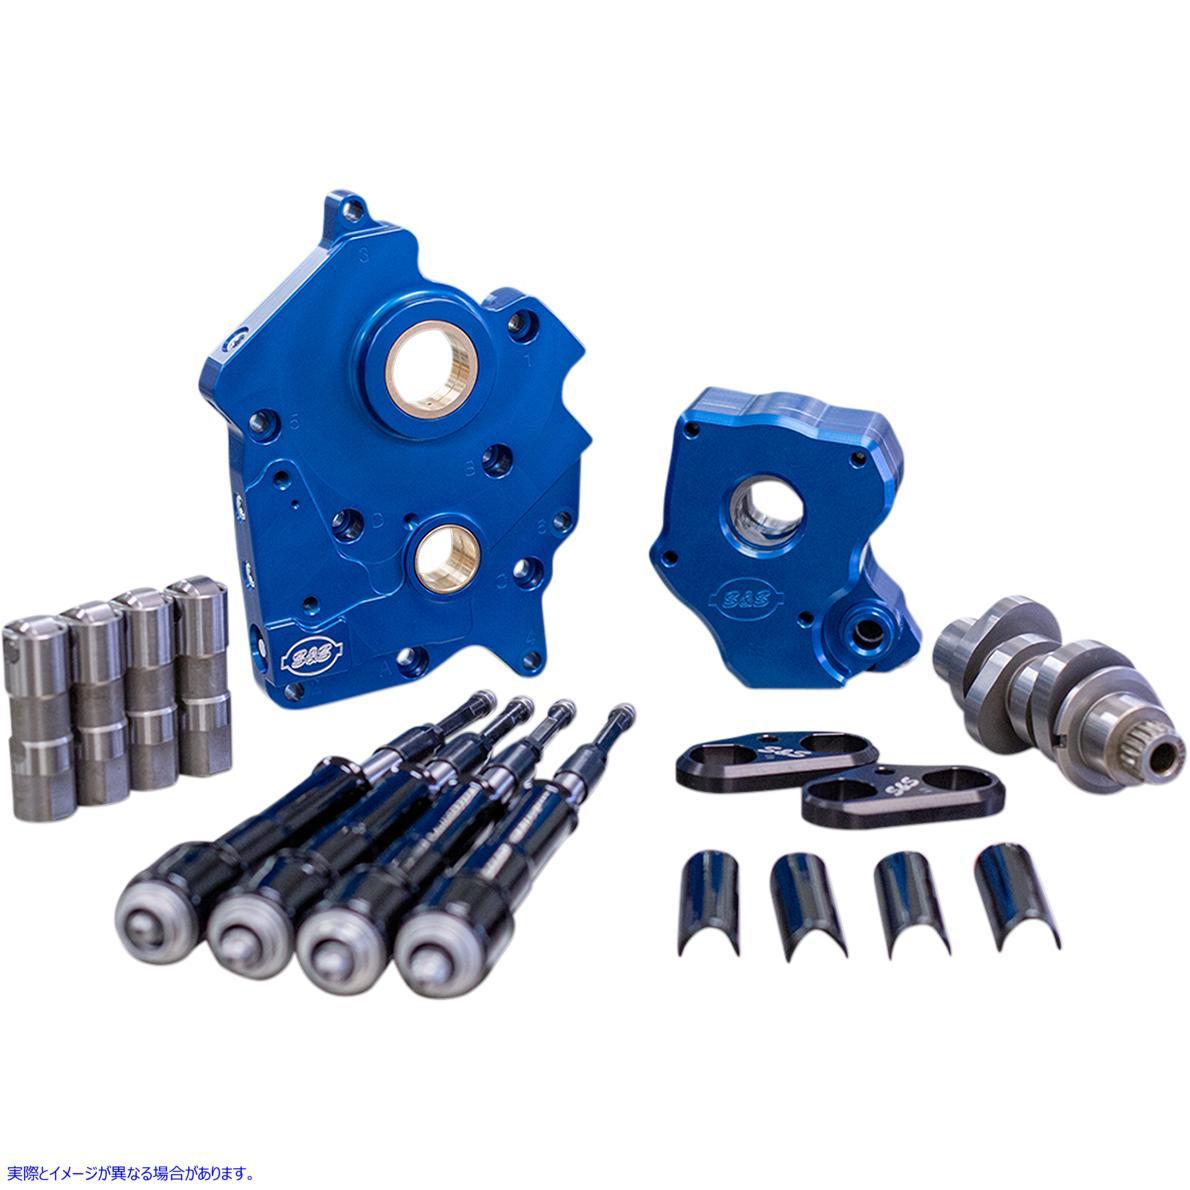 【取寄せ】 310-1008 S&S CYCLE CAM 475C W/PLT WC/BLK M8 09251234 ドラッグスペシャリティーズ 0925-1234 DRAG SPECIALTIES